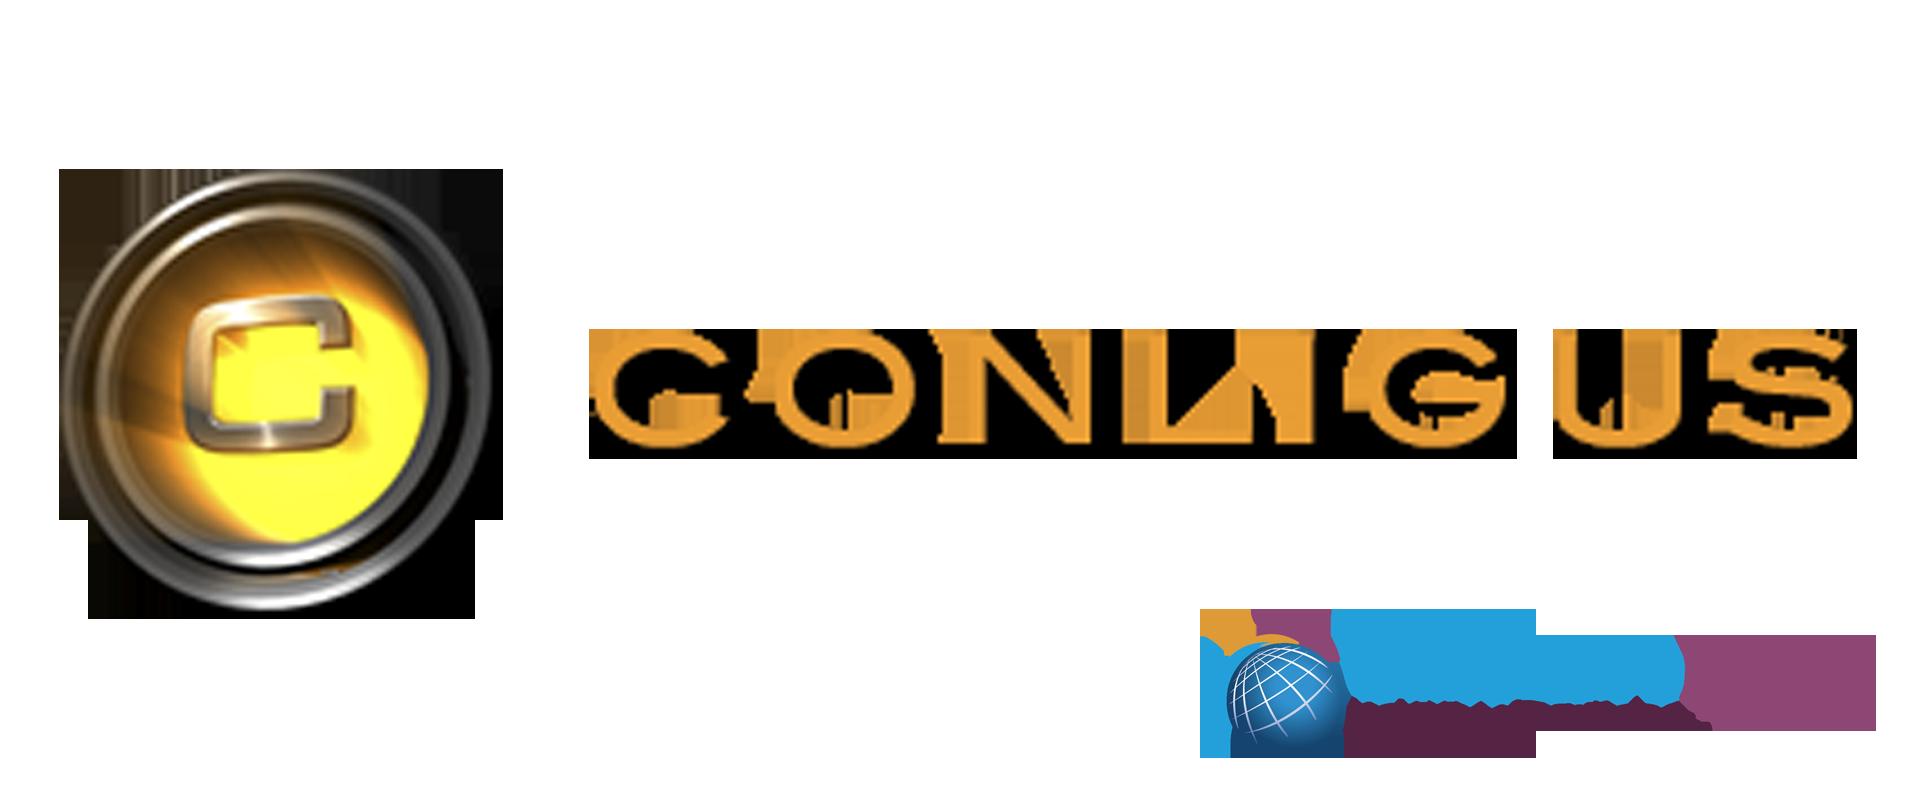 conligus-png